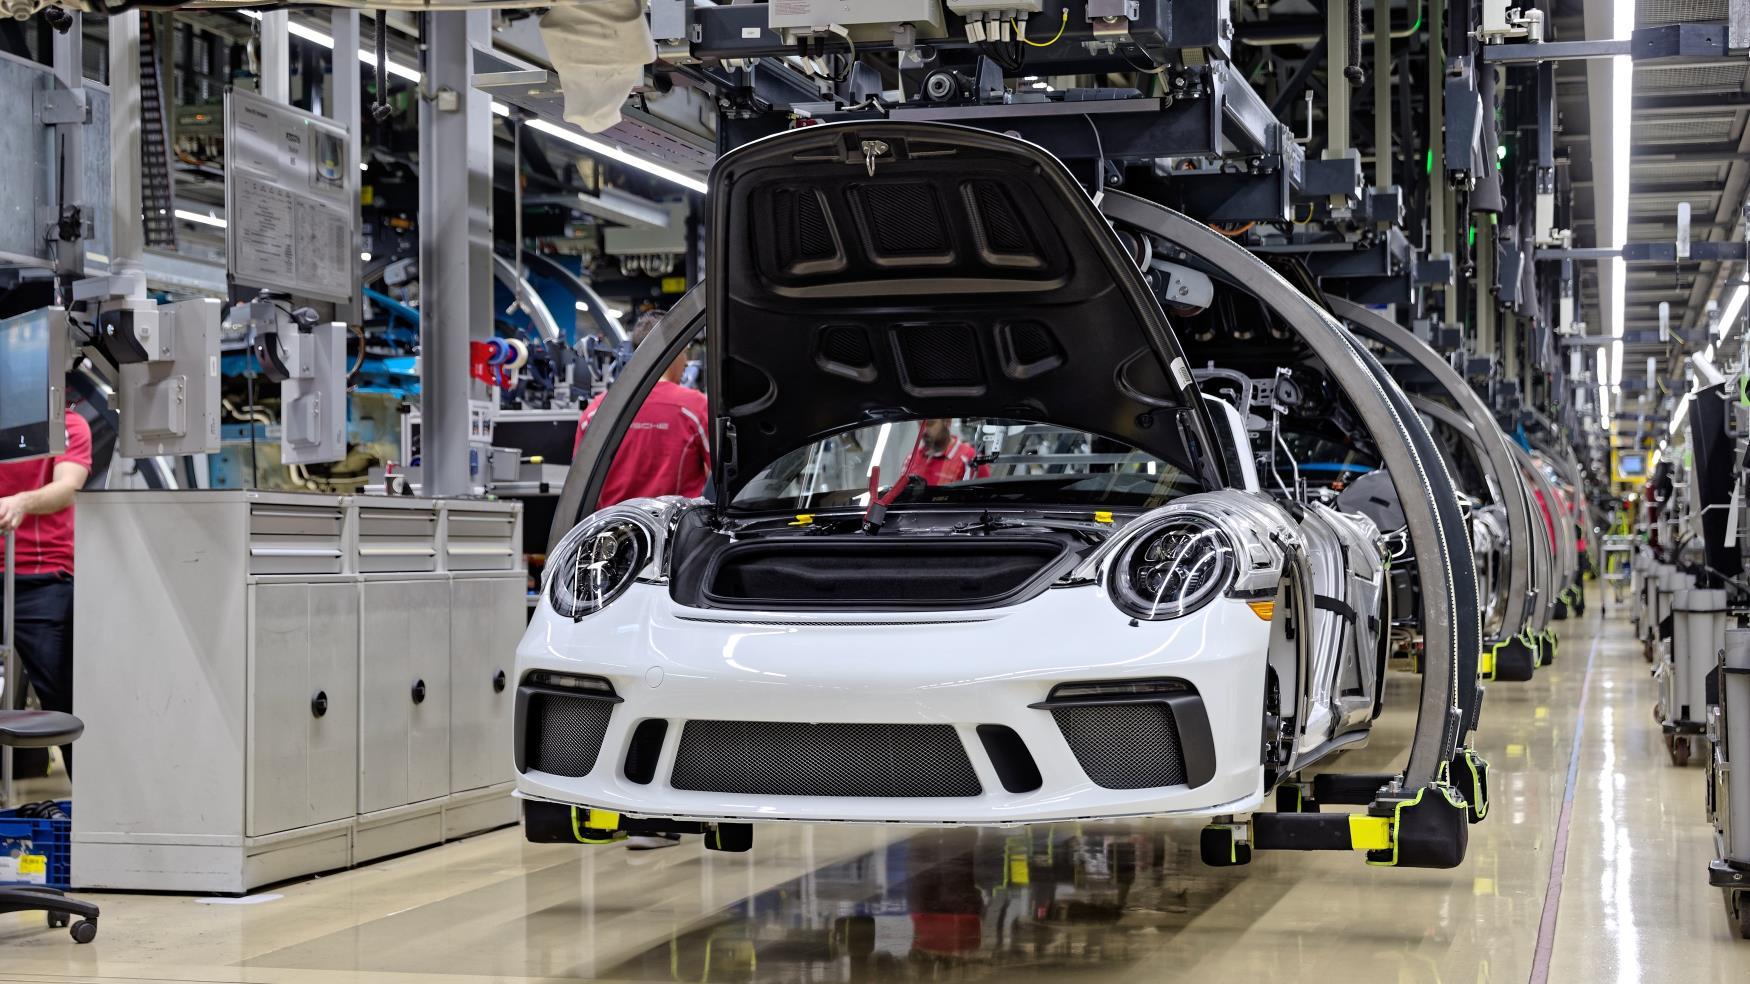 Porsche 911 production line